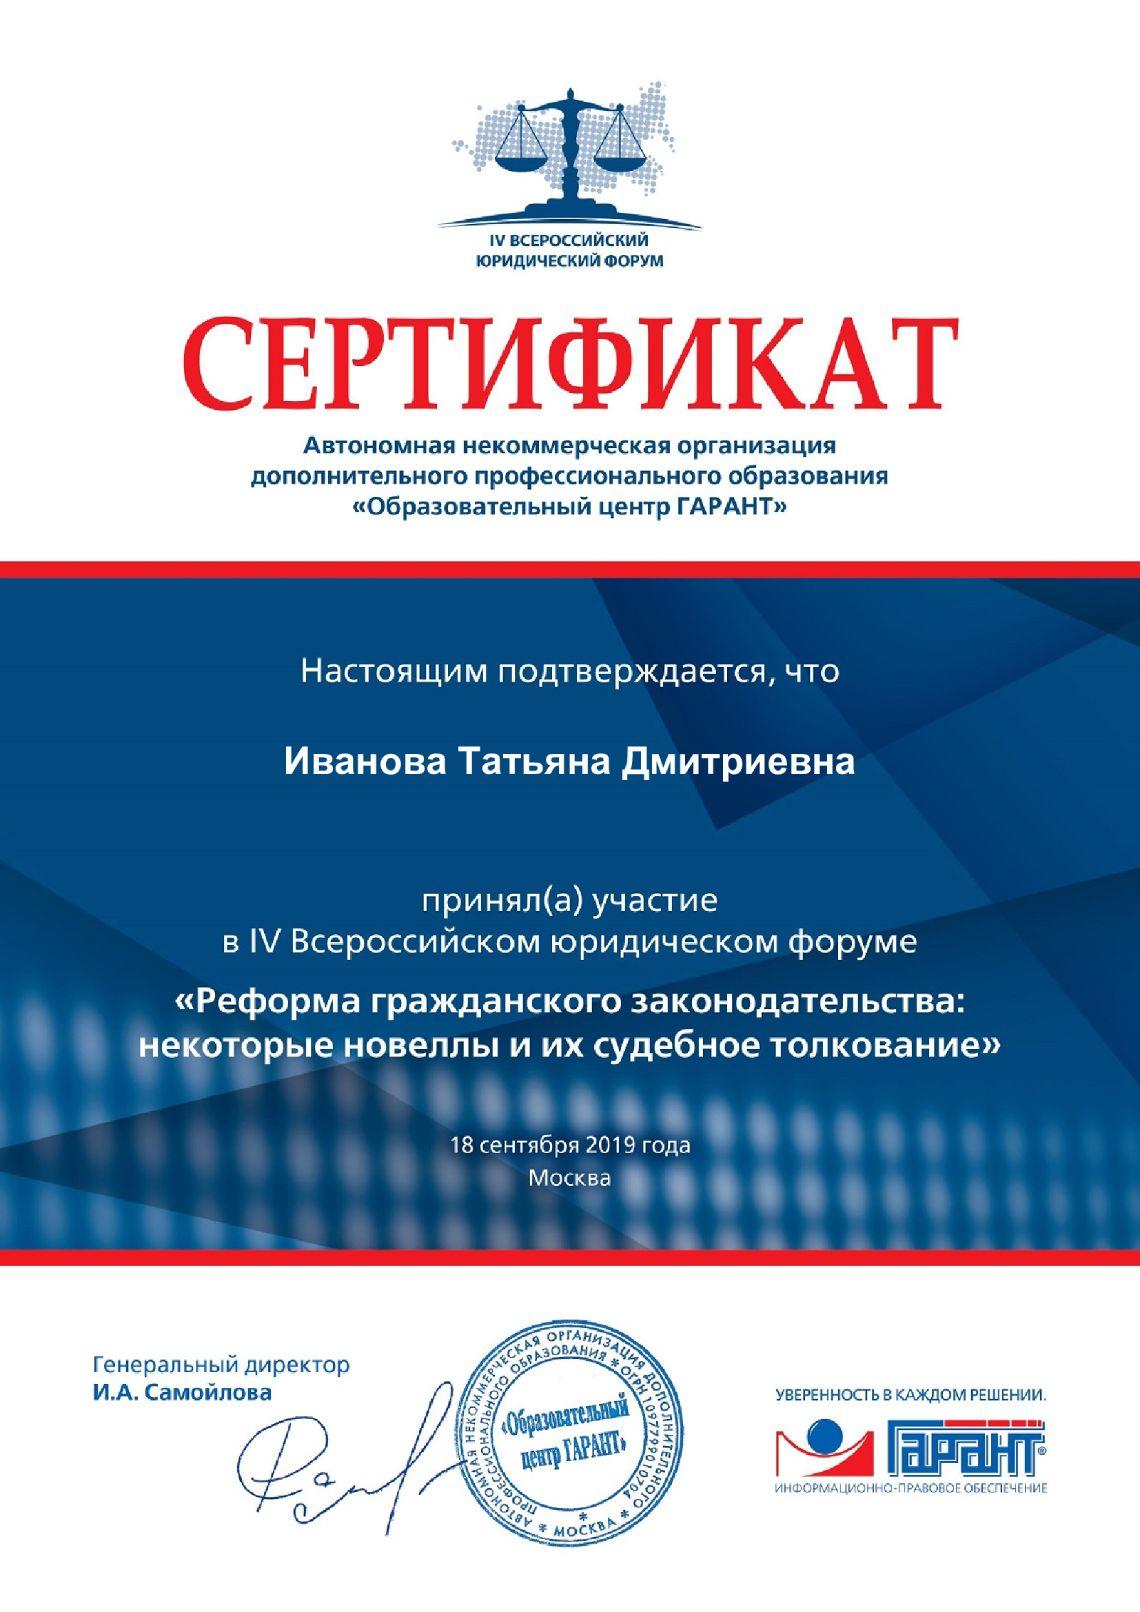 IV Всероссийский юридический форум